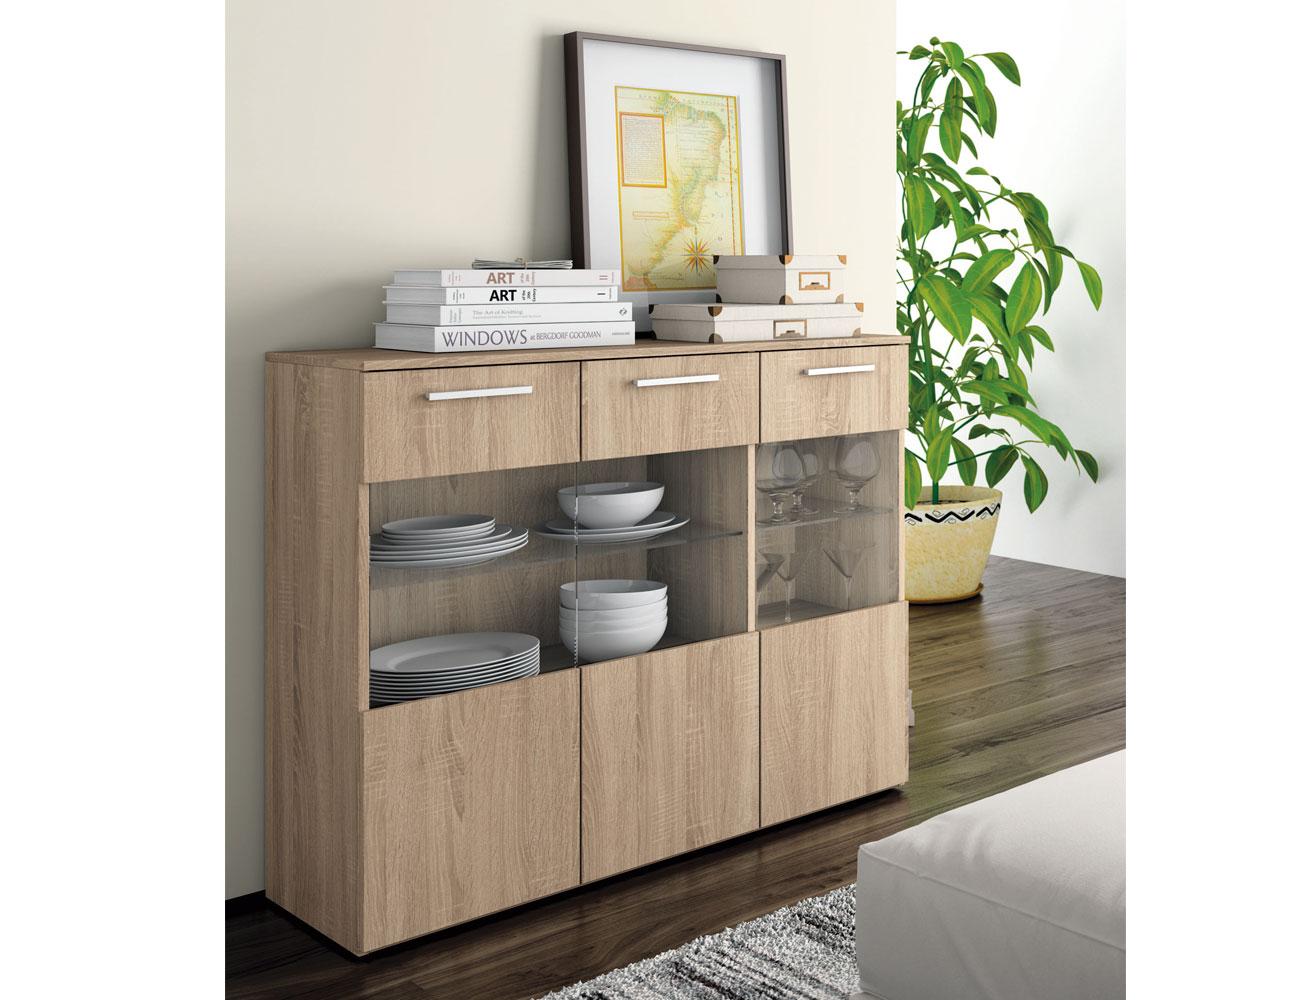 Mueble salon moderno aparador cambrian 4188